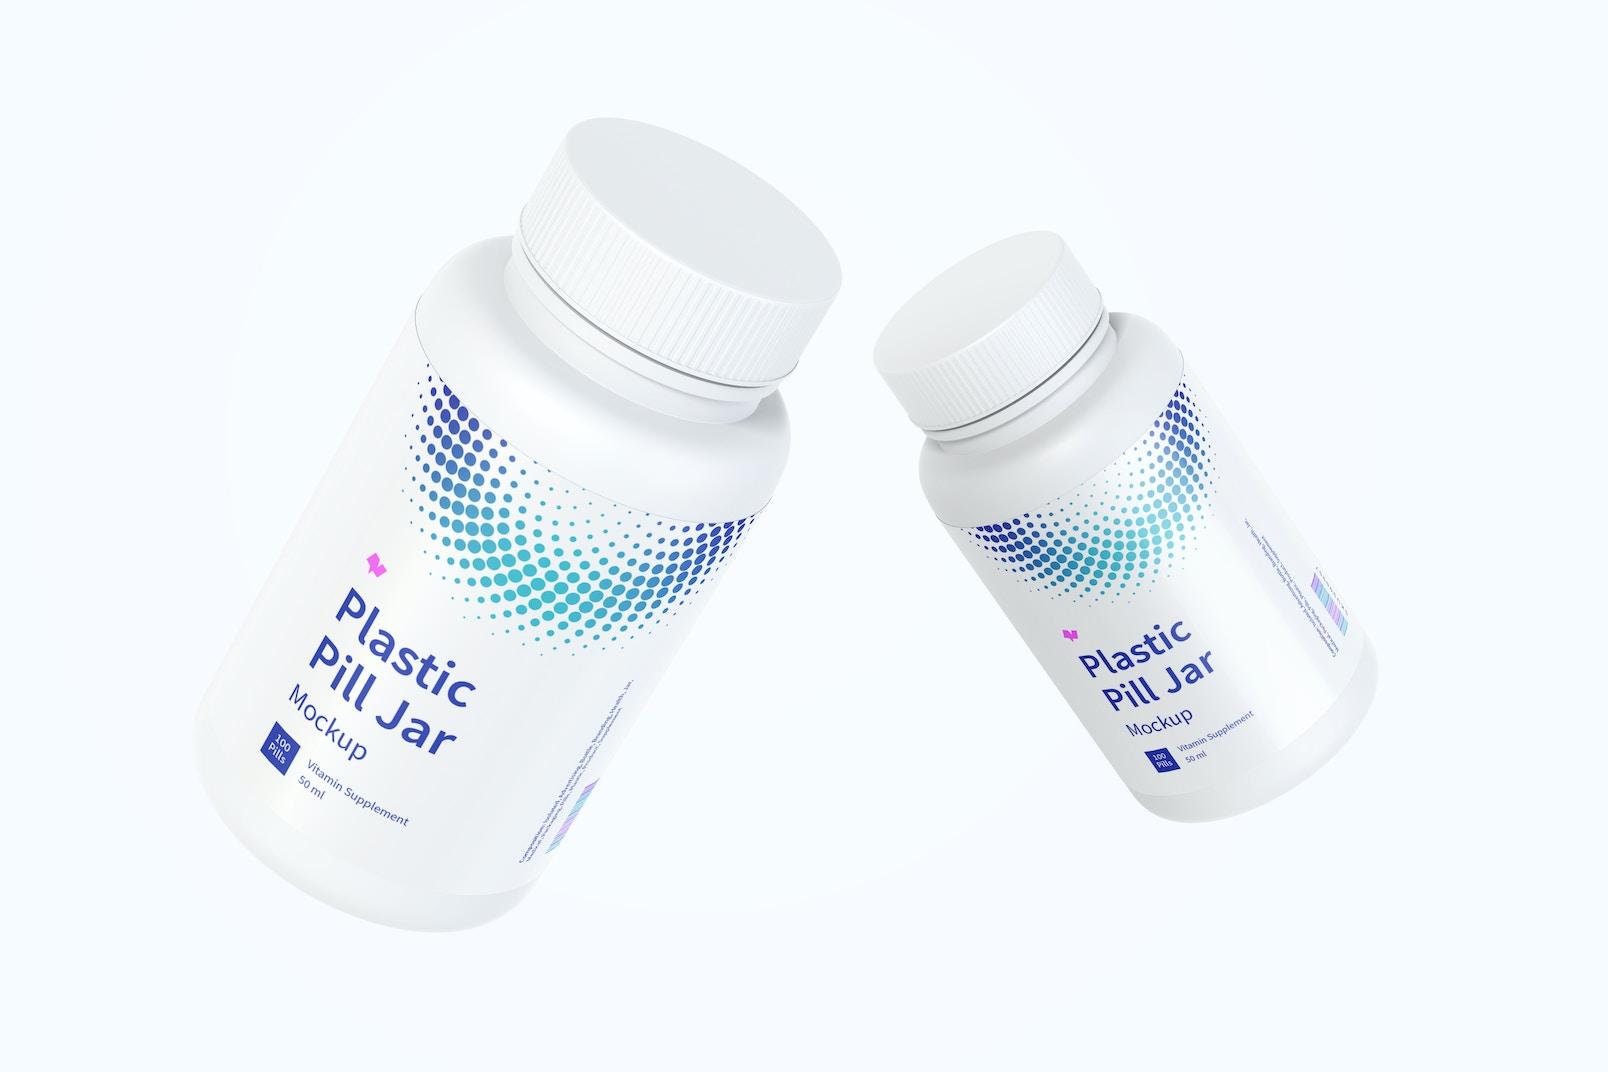 Plastic Pill Jars Mockup, Floating